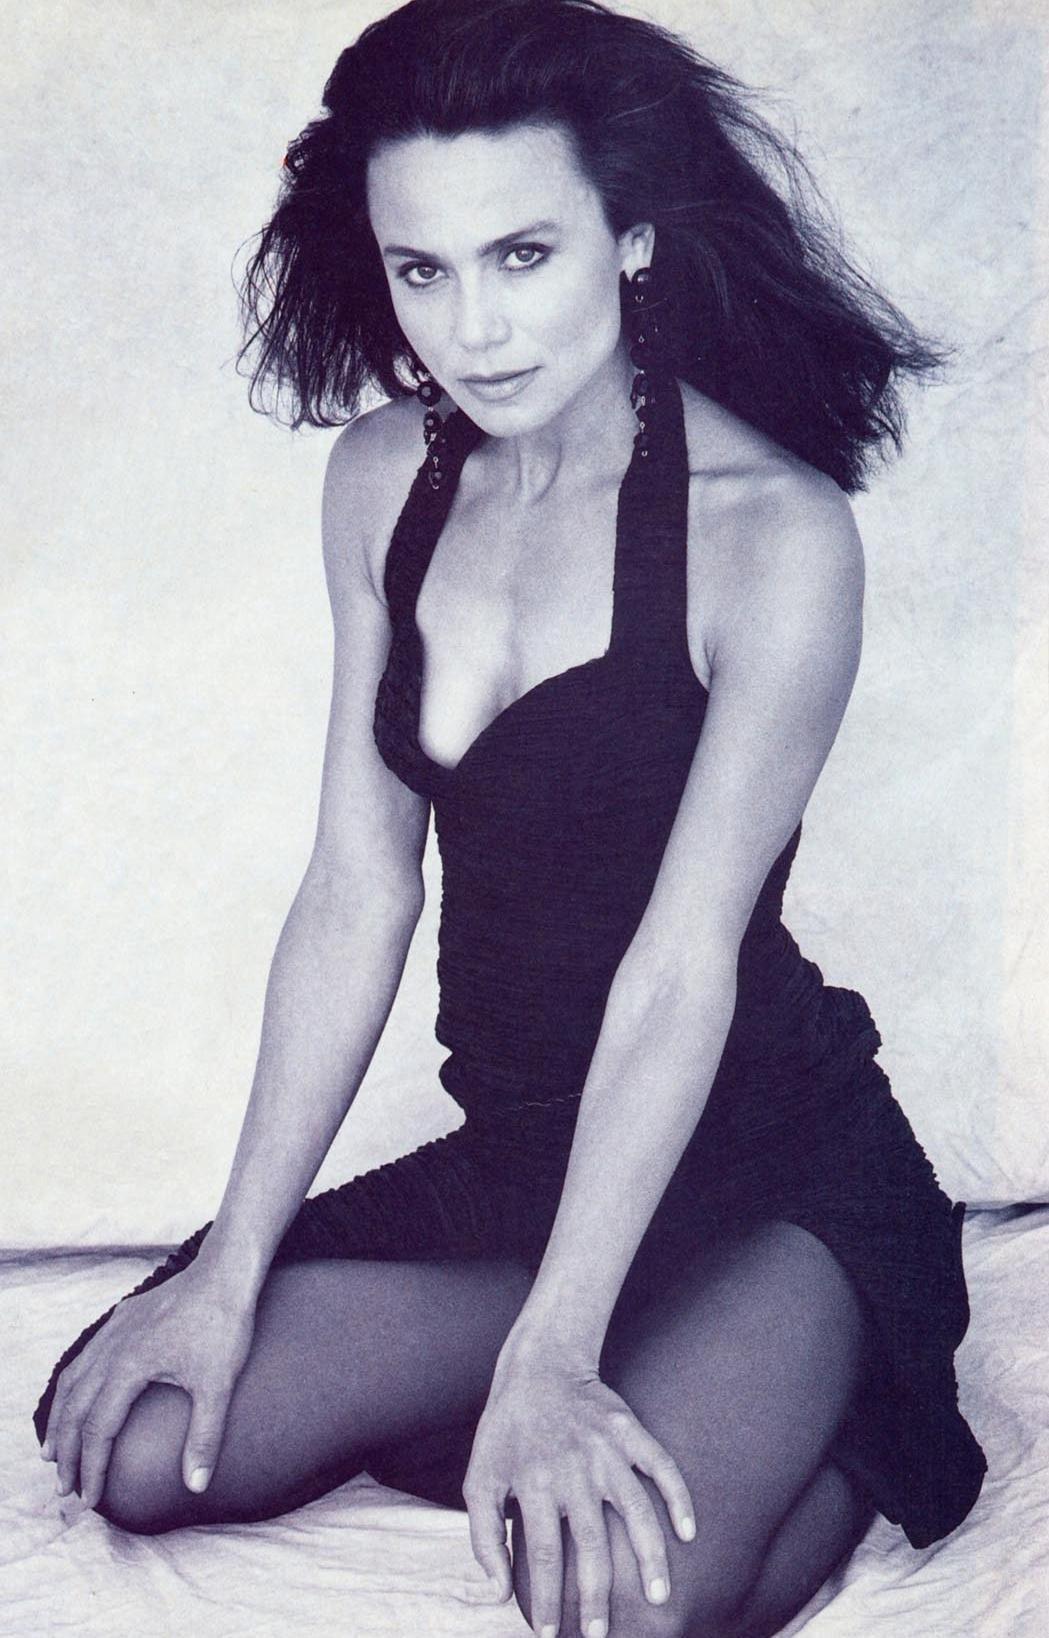 Lena Olin photo gallery - high quality pics of Lena Olin ... Alessandra Ambrosio Wallpaper